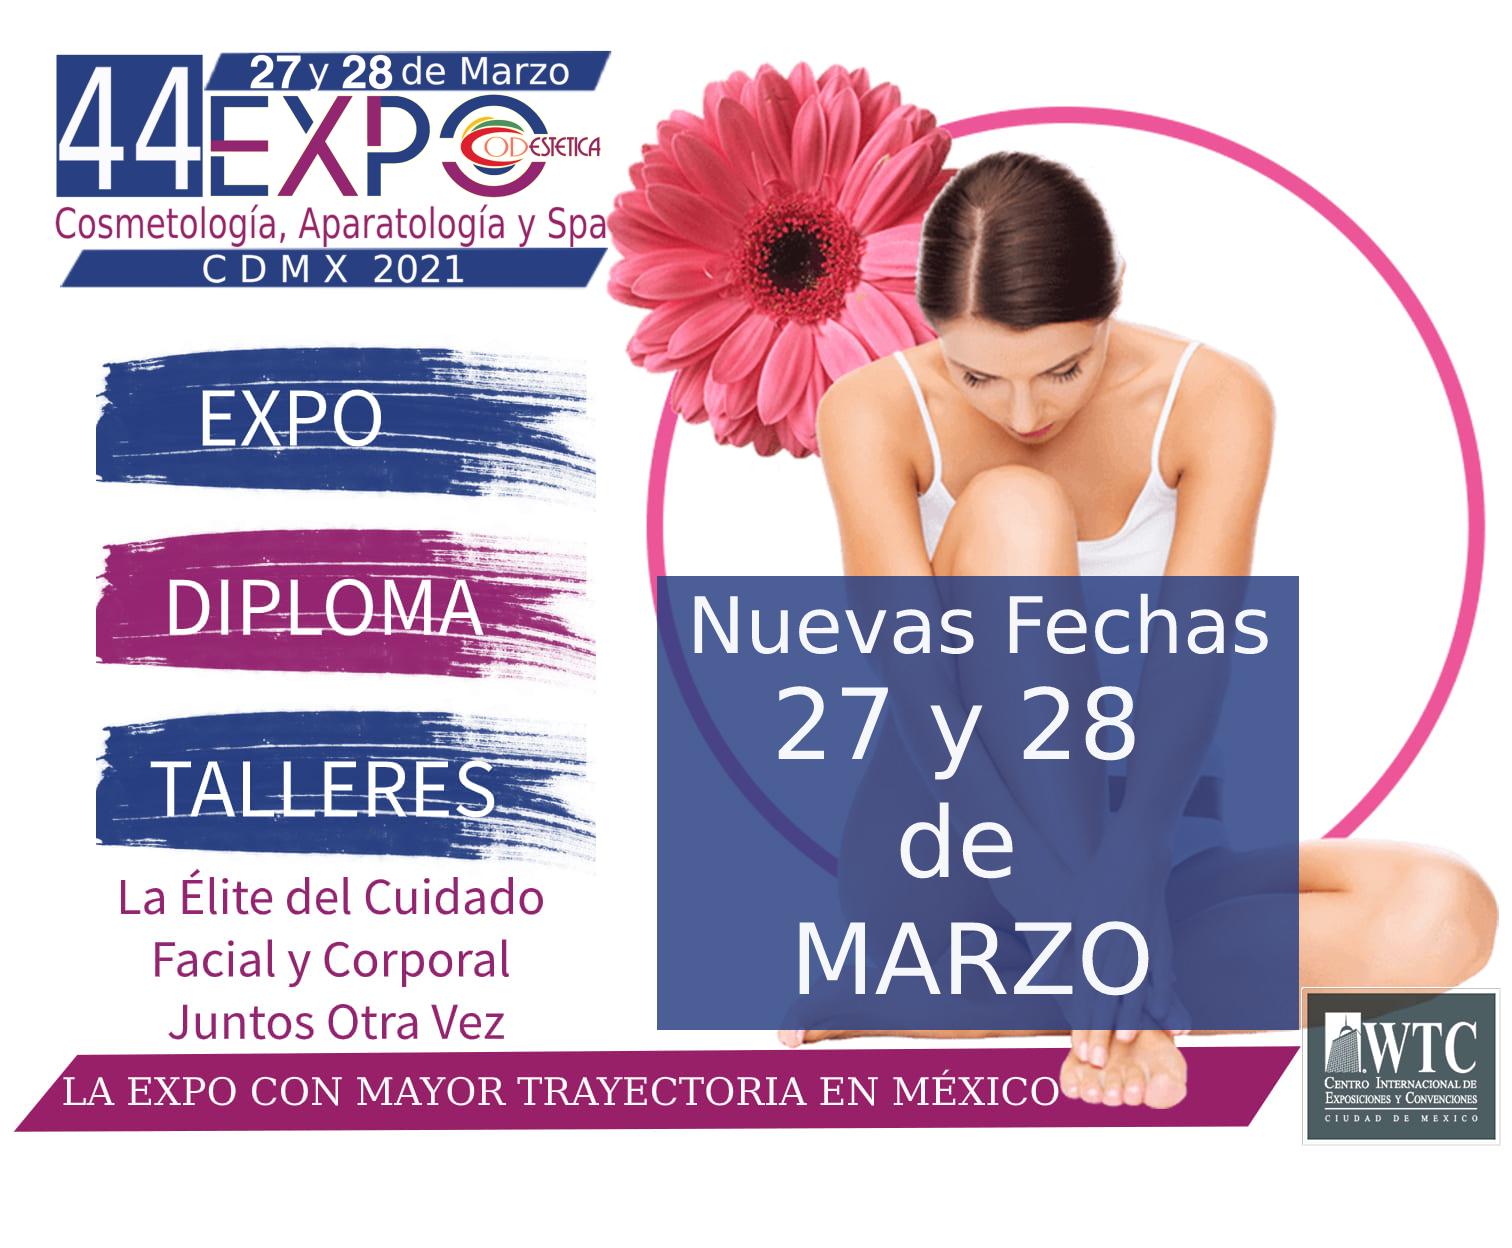 44 EXPO CODESTETICA CDMX 2021